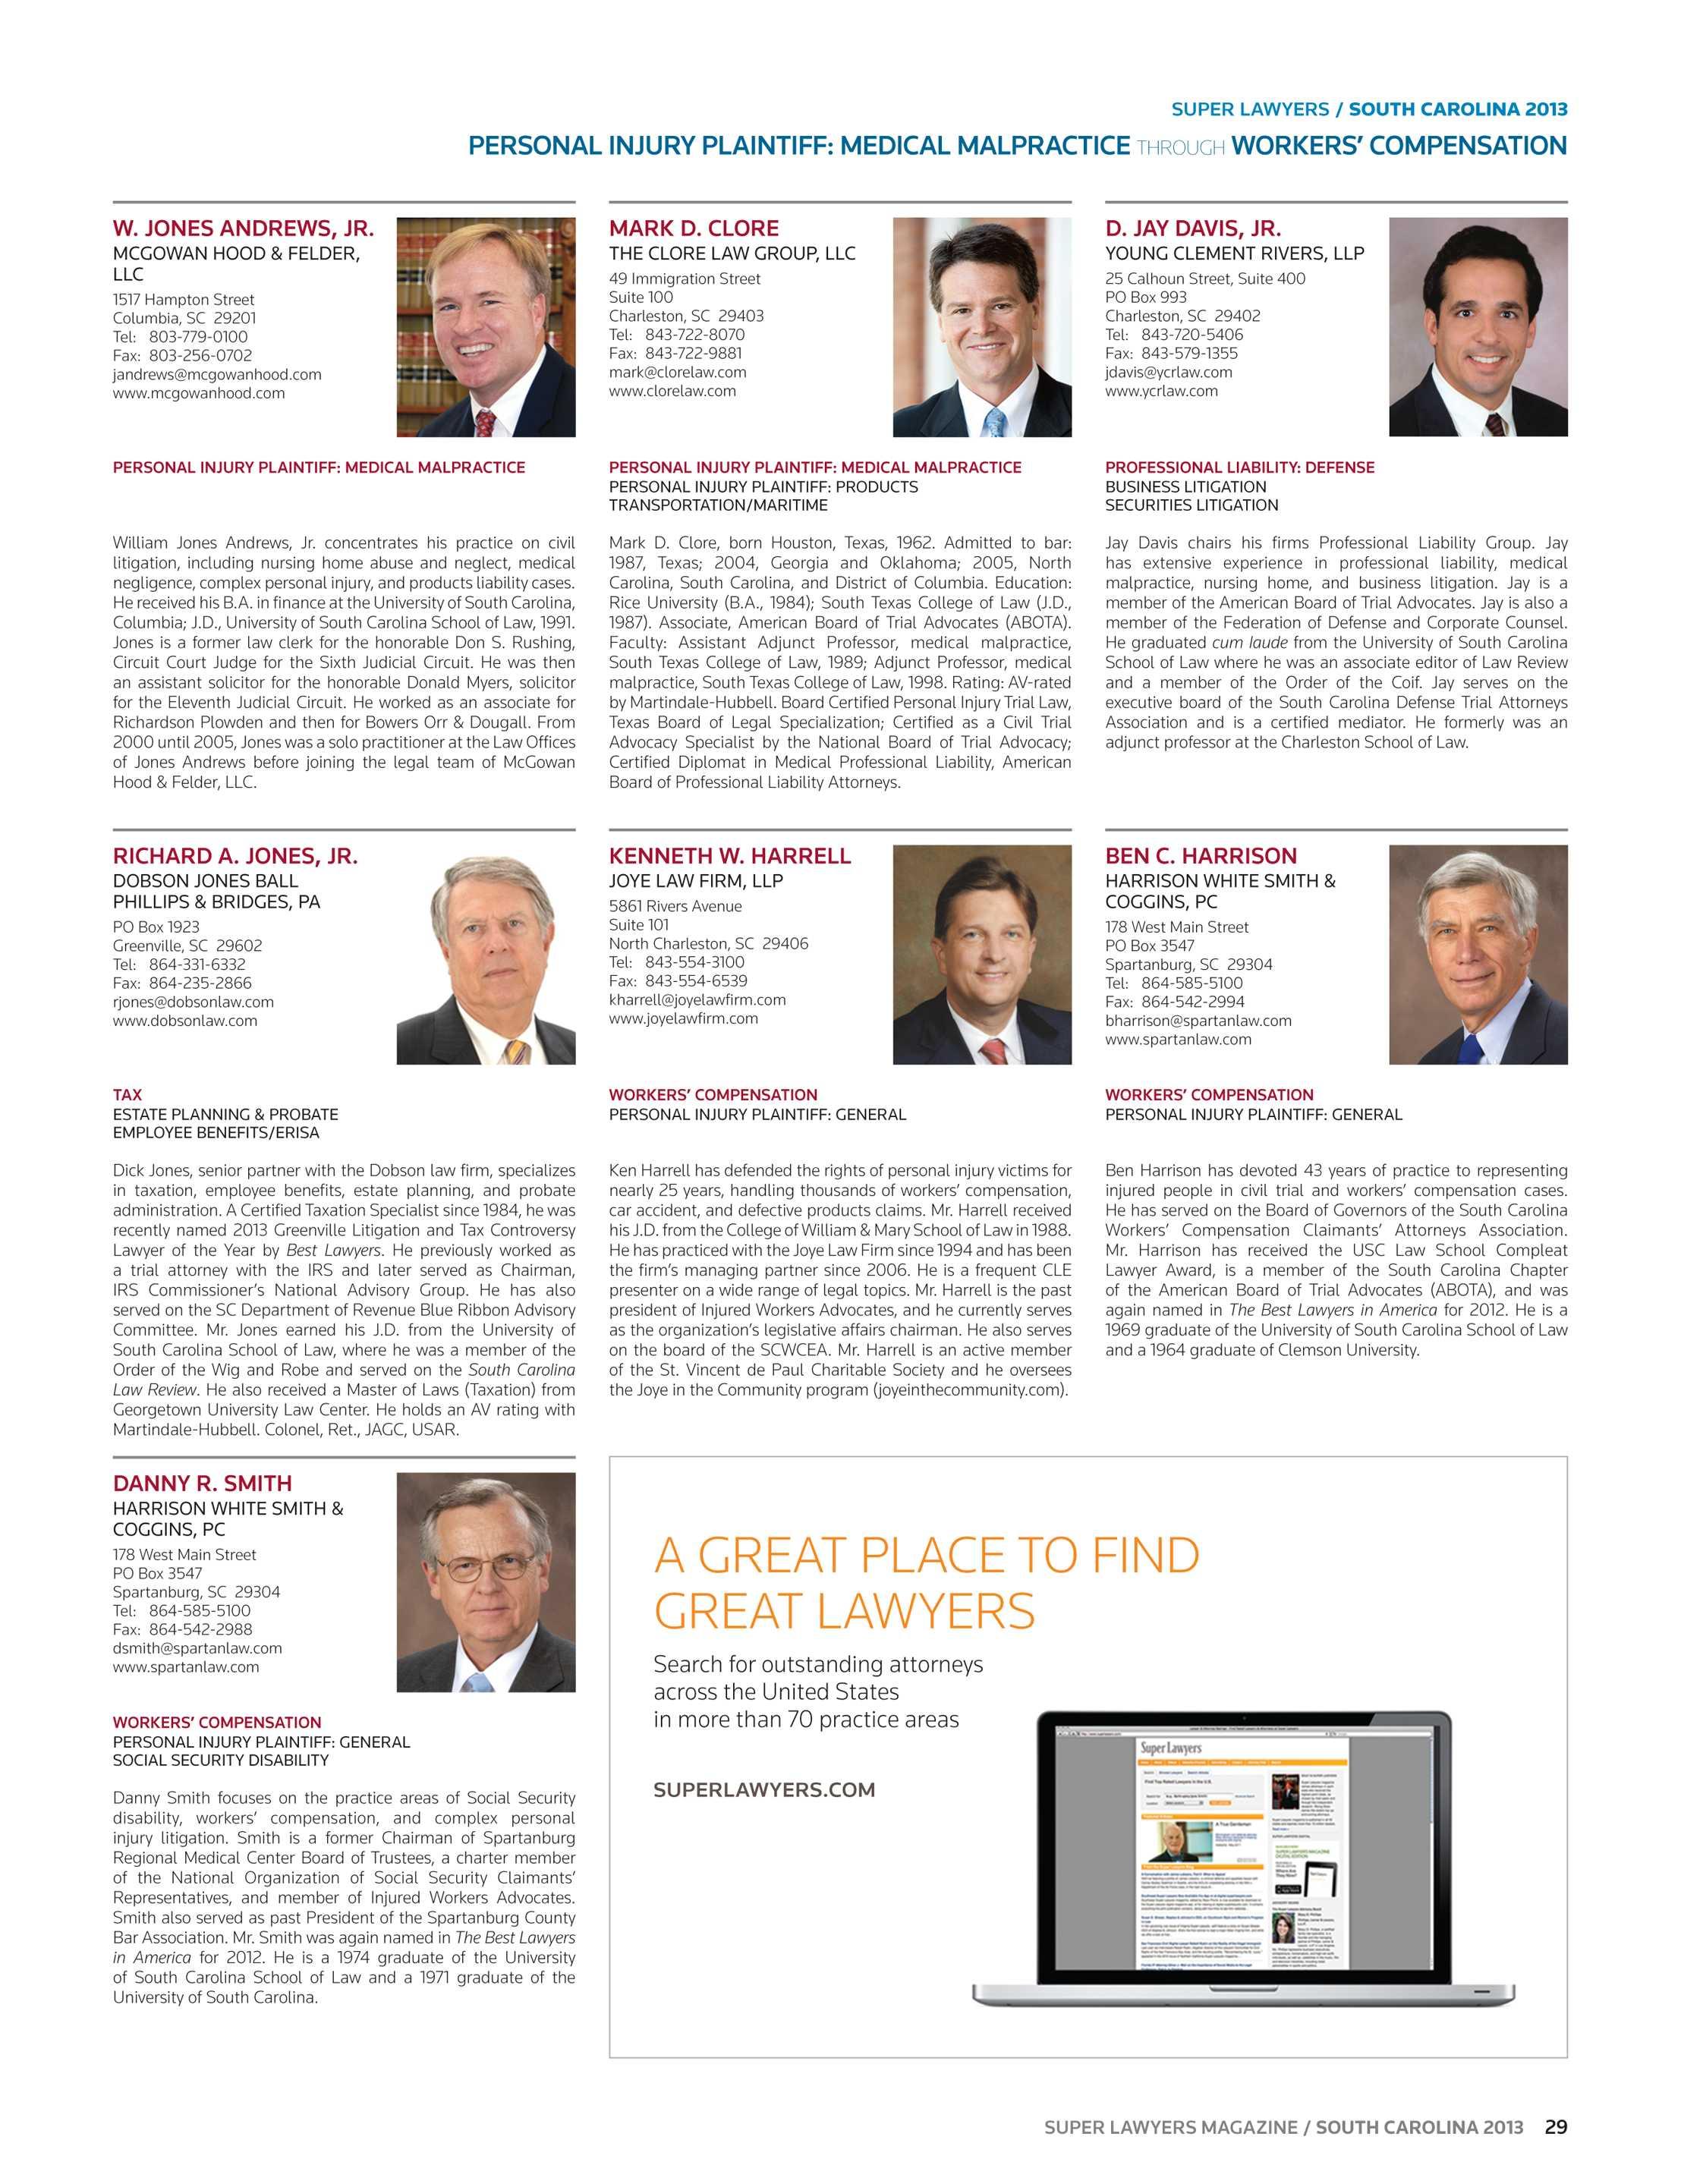 Super Lawyers - South Carolina 2013 - page 29